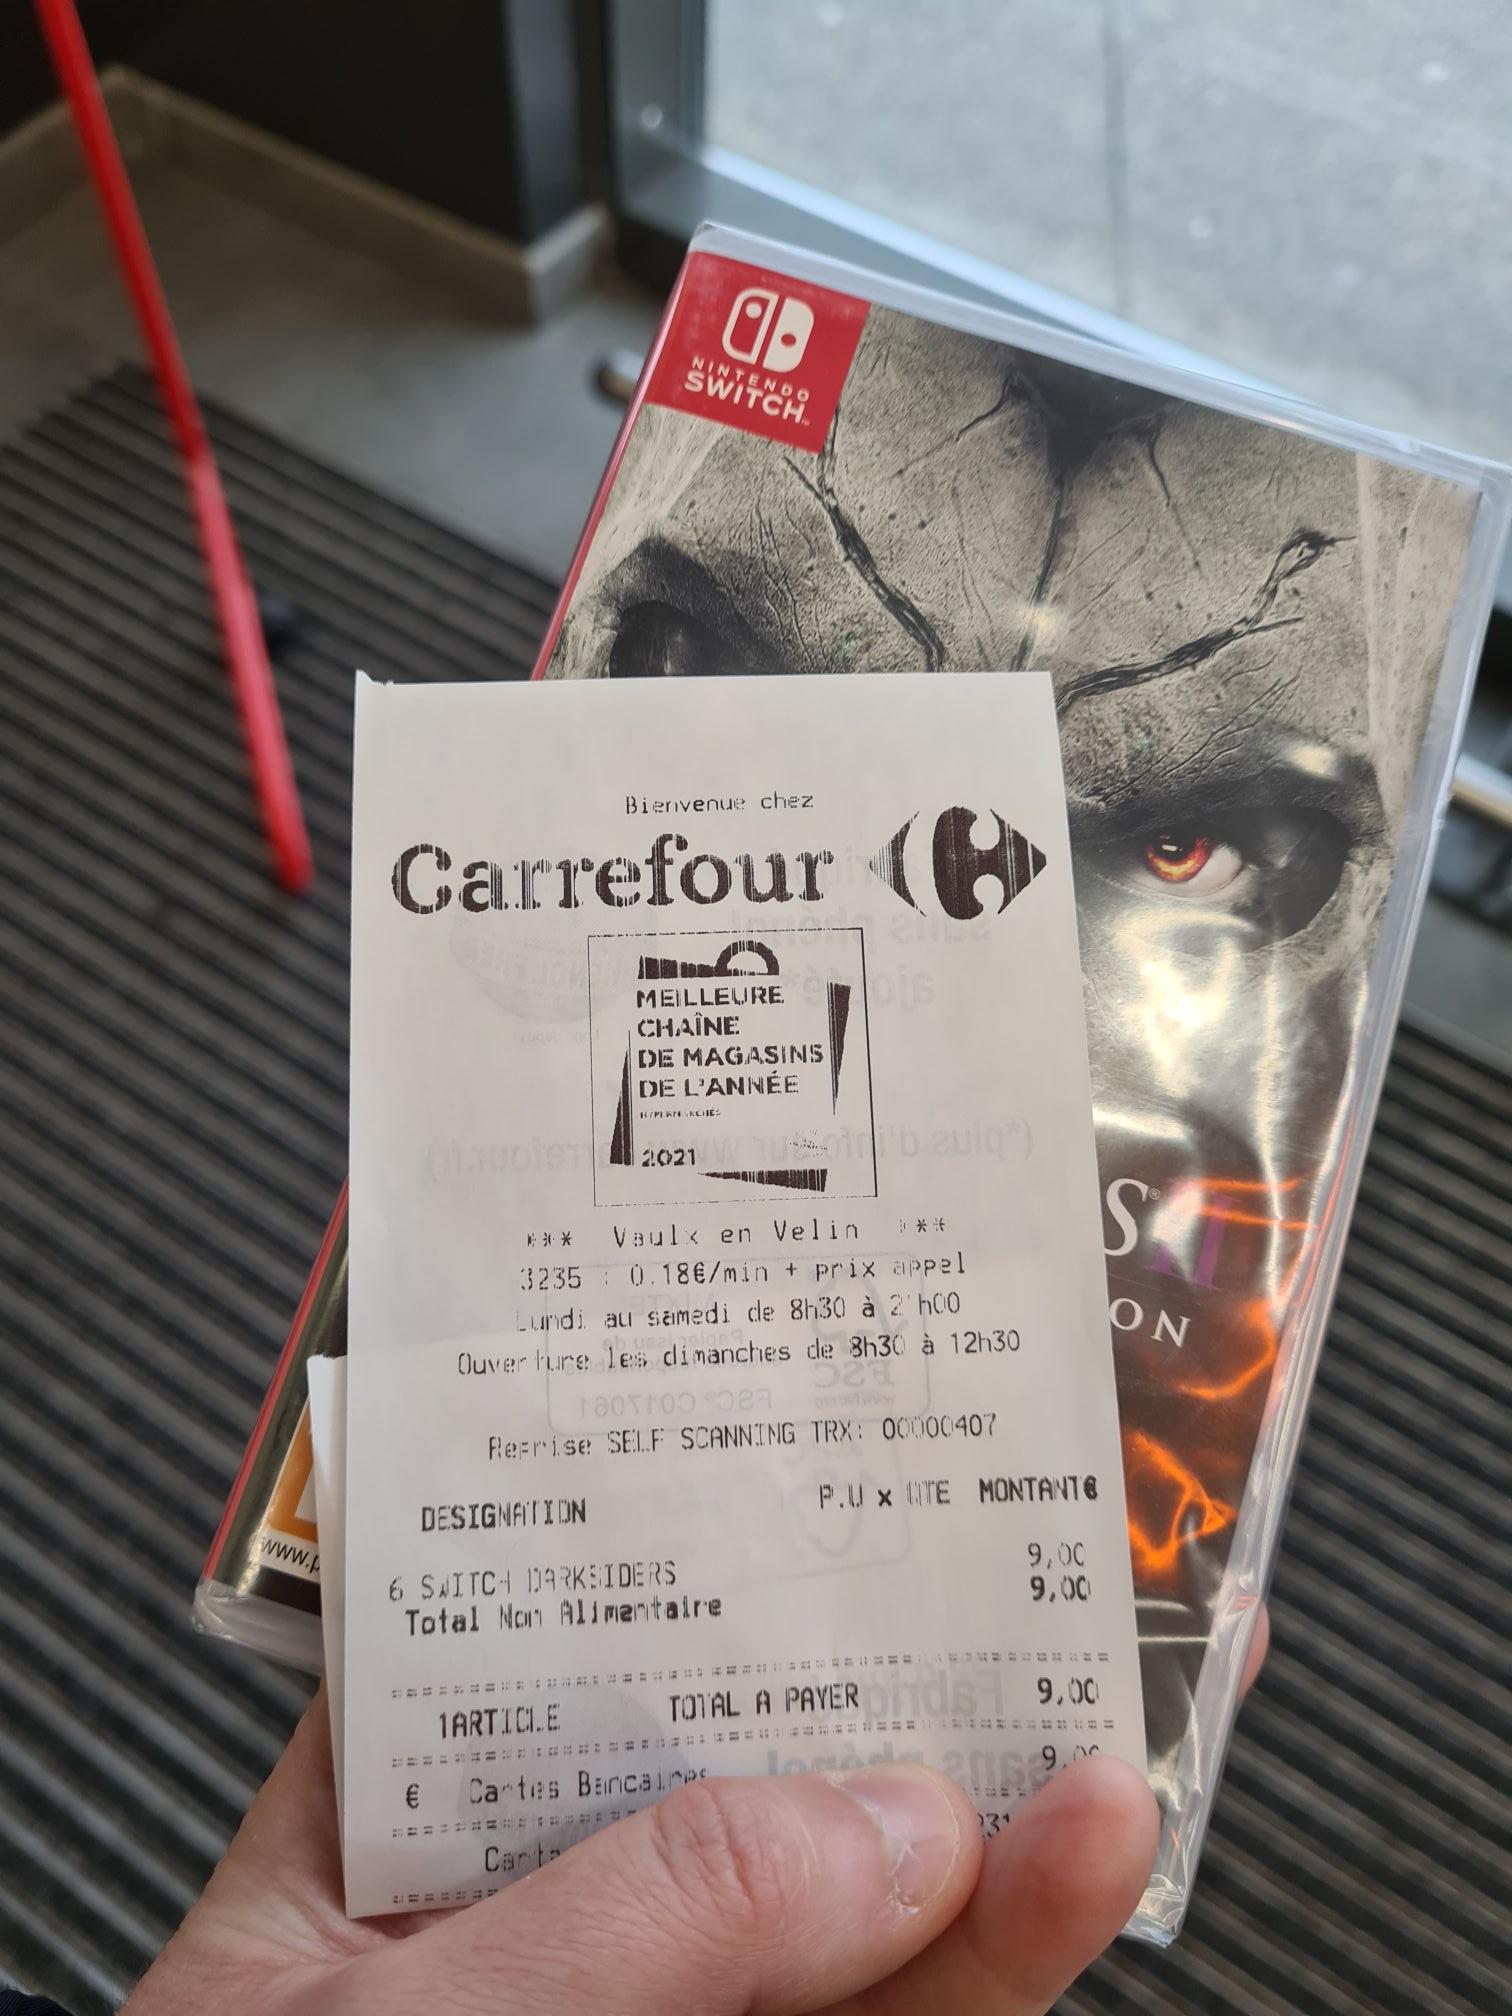 Sélection de jeux vidéo en promotion - Ex : Darksiders 2: Deathinitive Édition sur Switch - 7 Chemins Vaux-en-Velin (69)